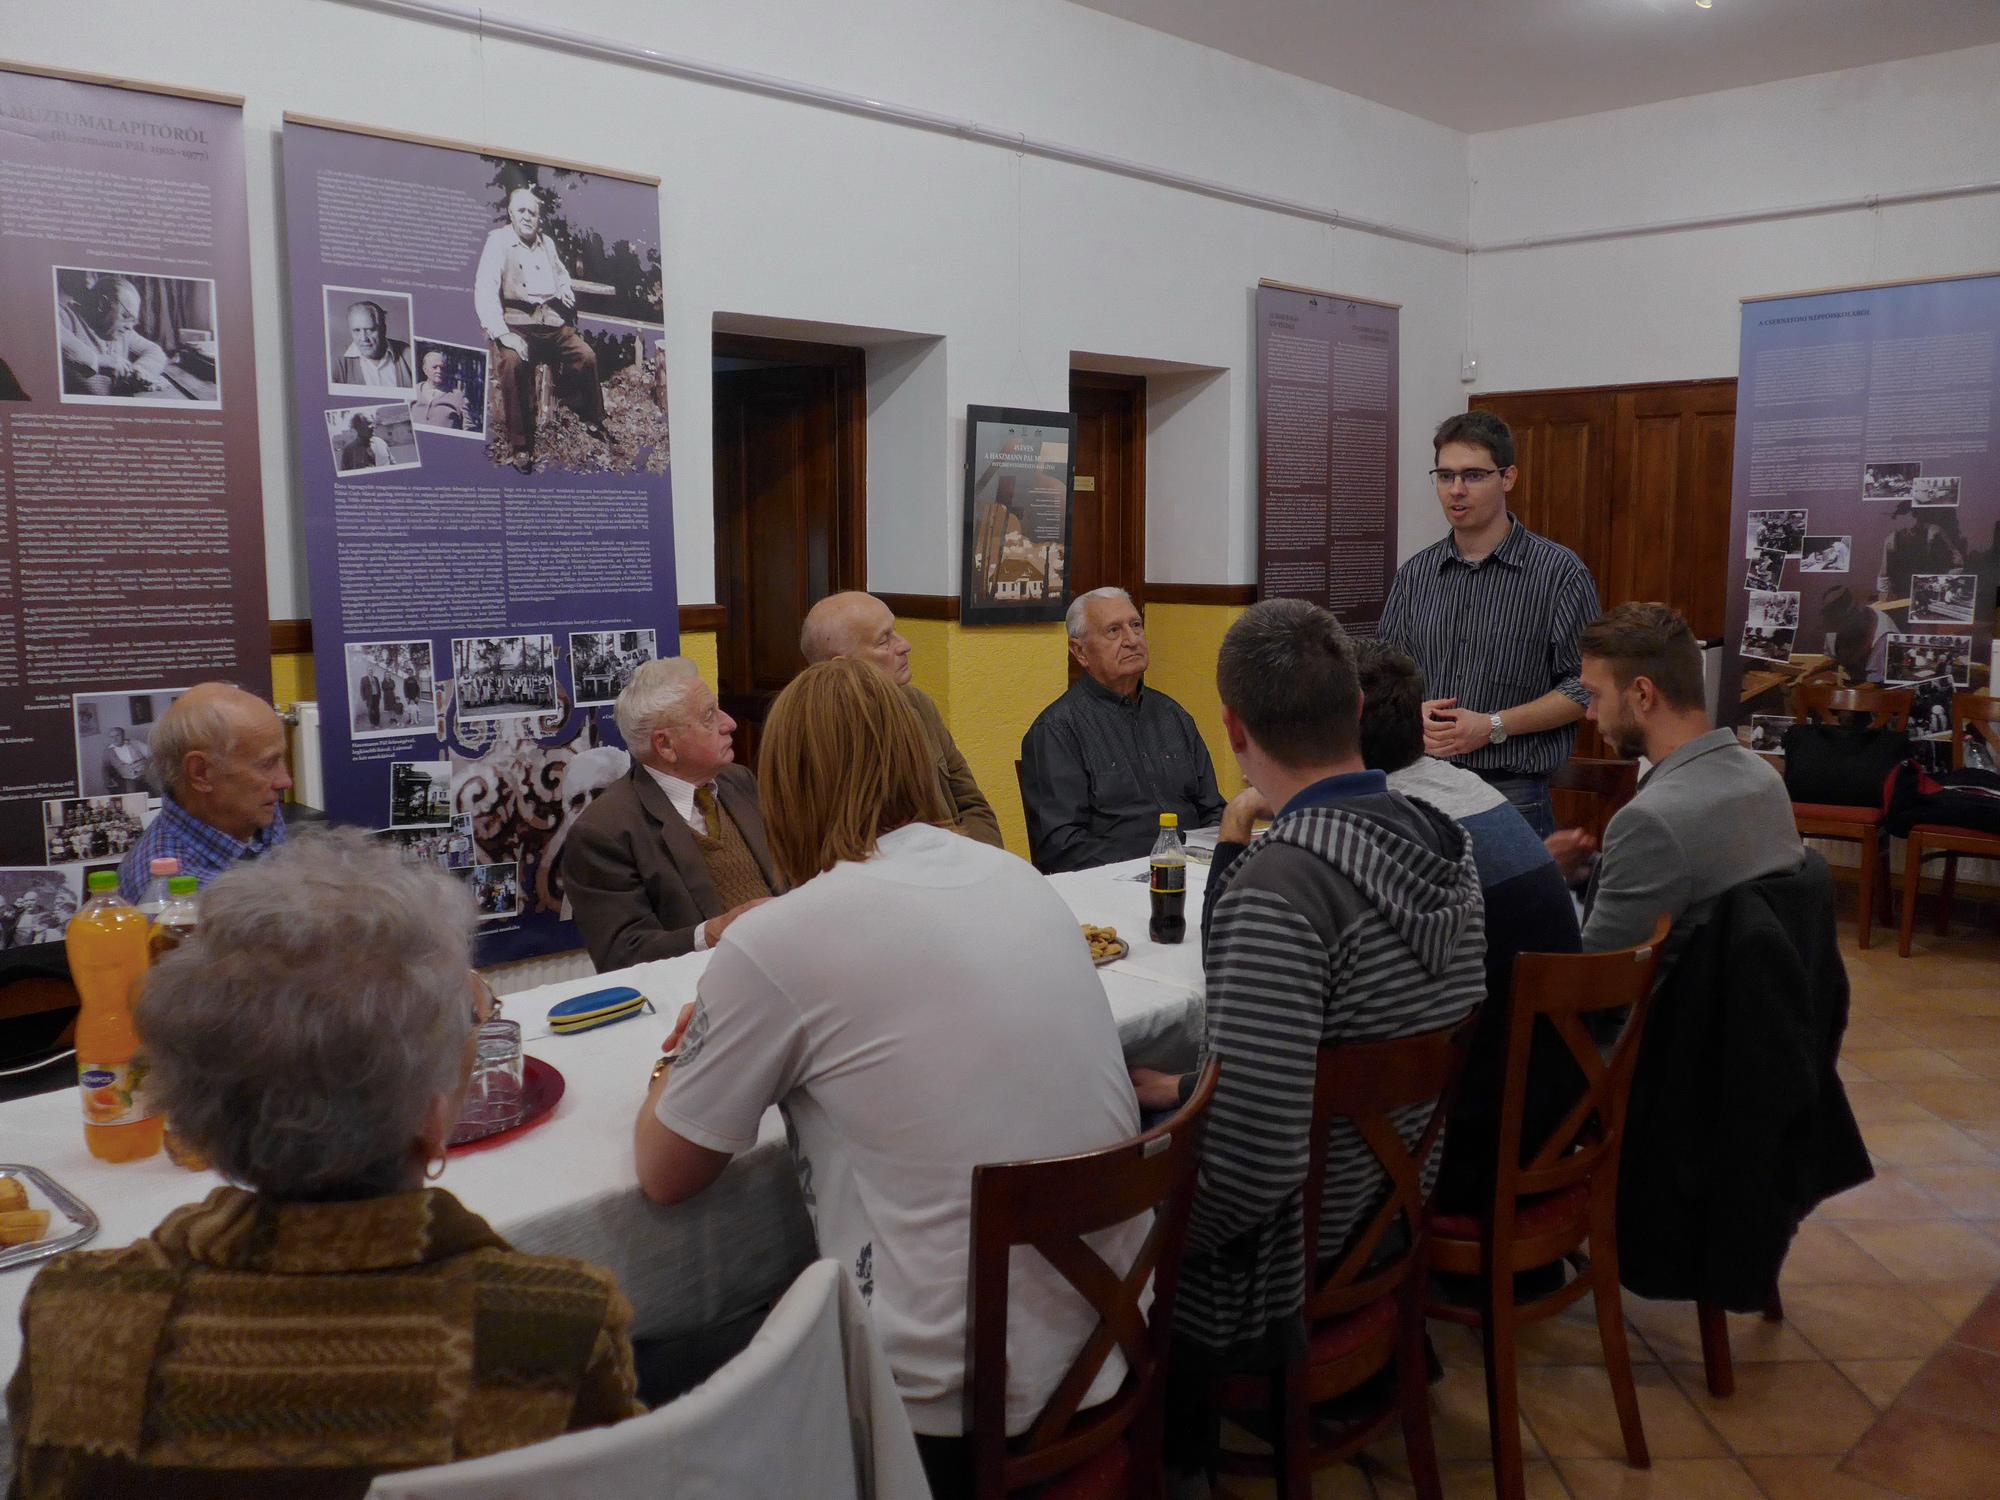 Találkozás az '56-os szervezetekkel